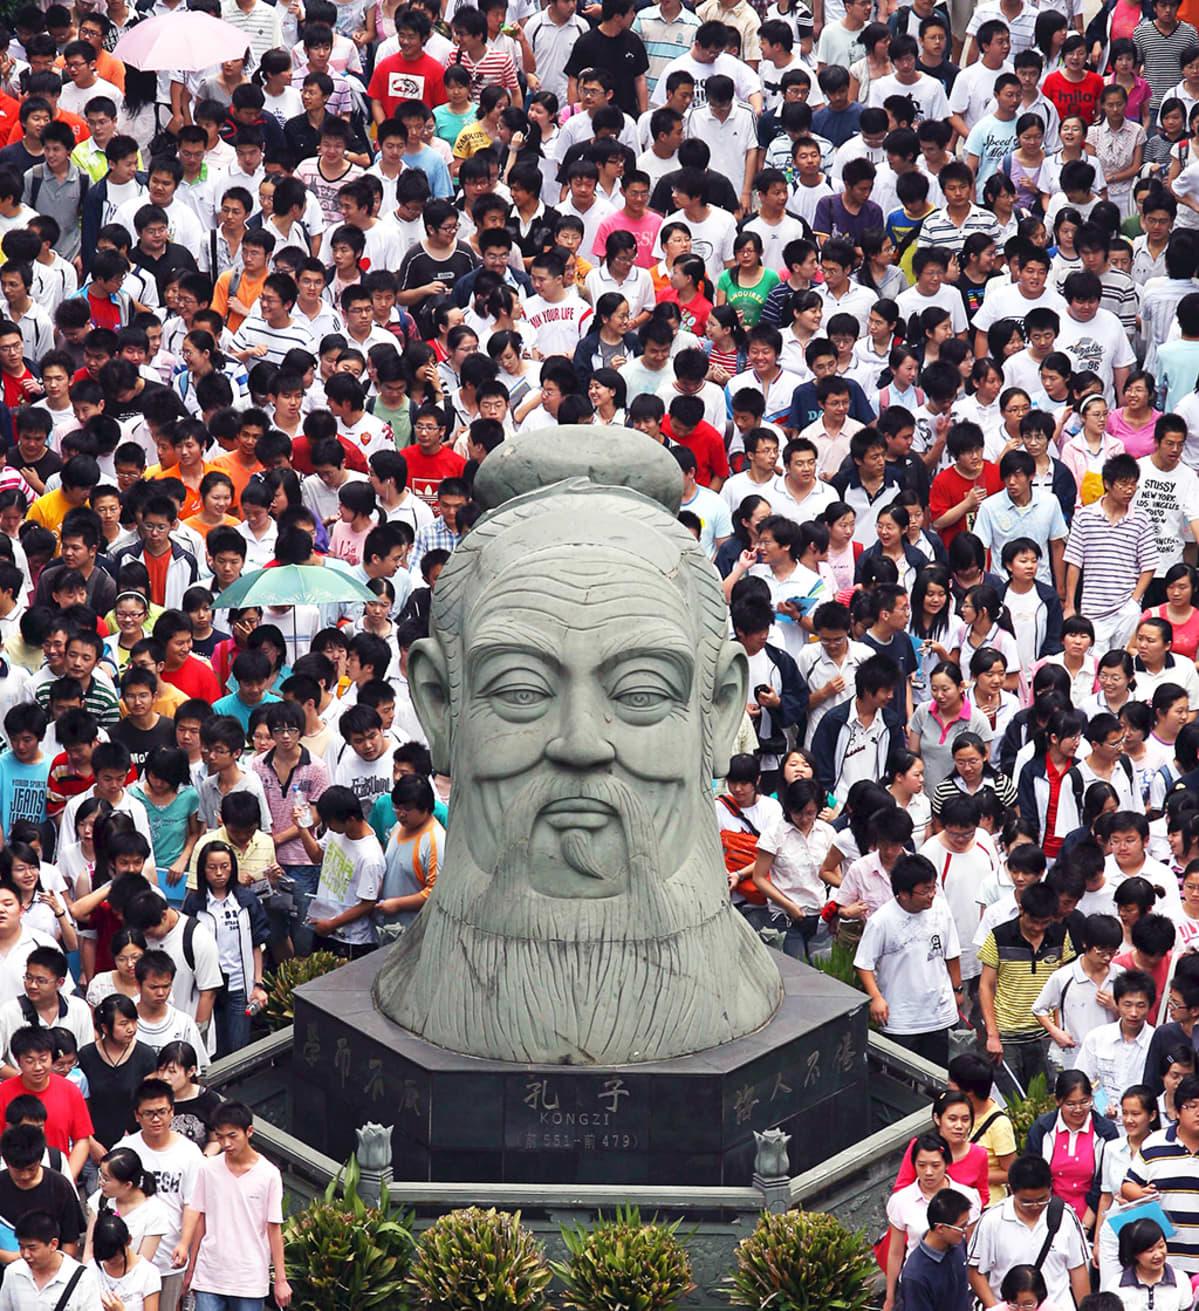 Opiskelijat ympäröivät Kungfutsen patsaan Wuhanissa.